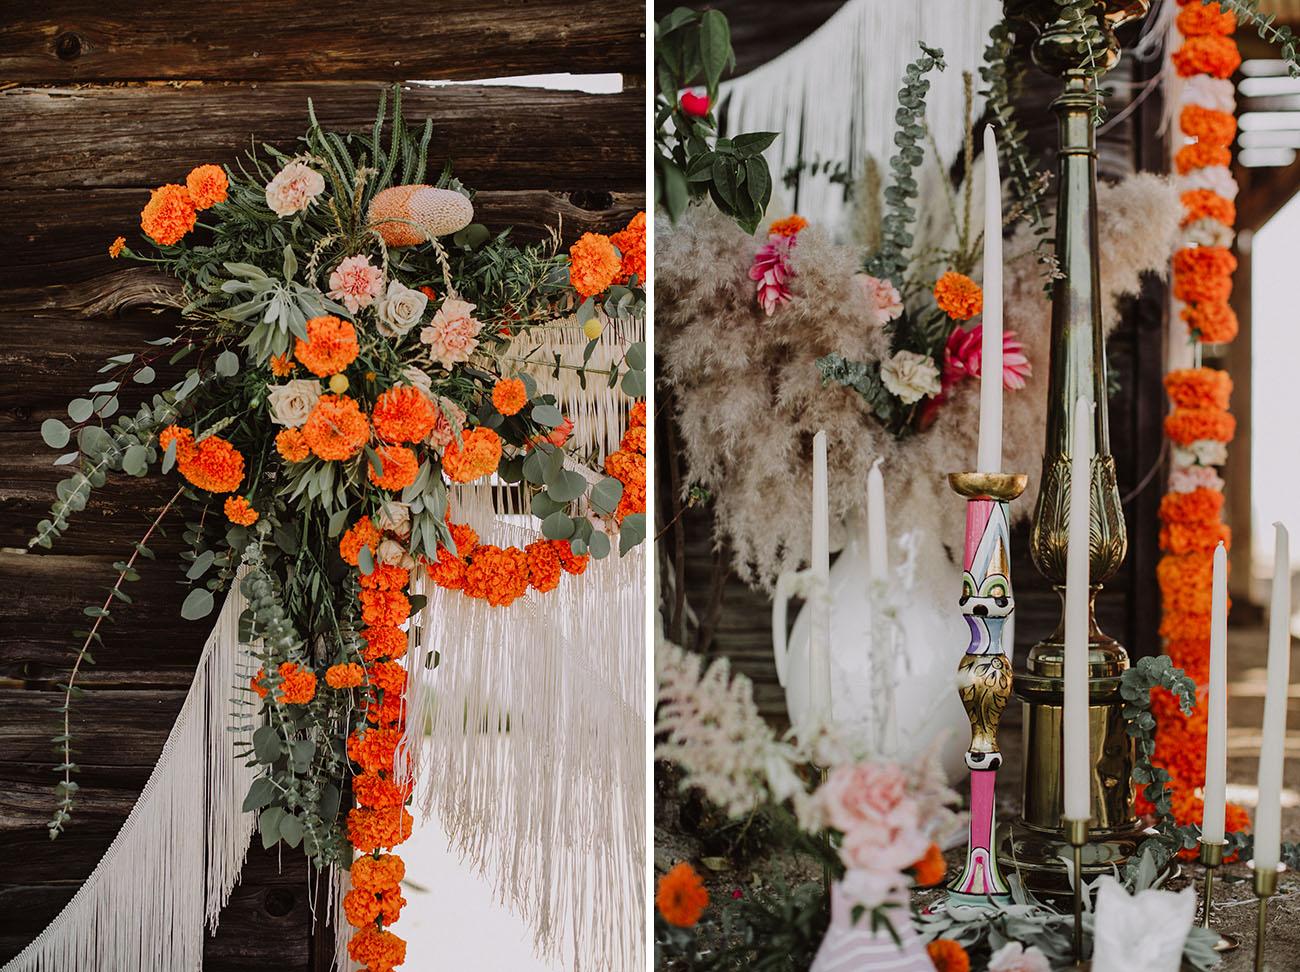 Claves decorativas para una Boda Boho.